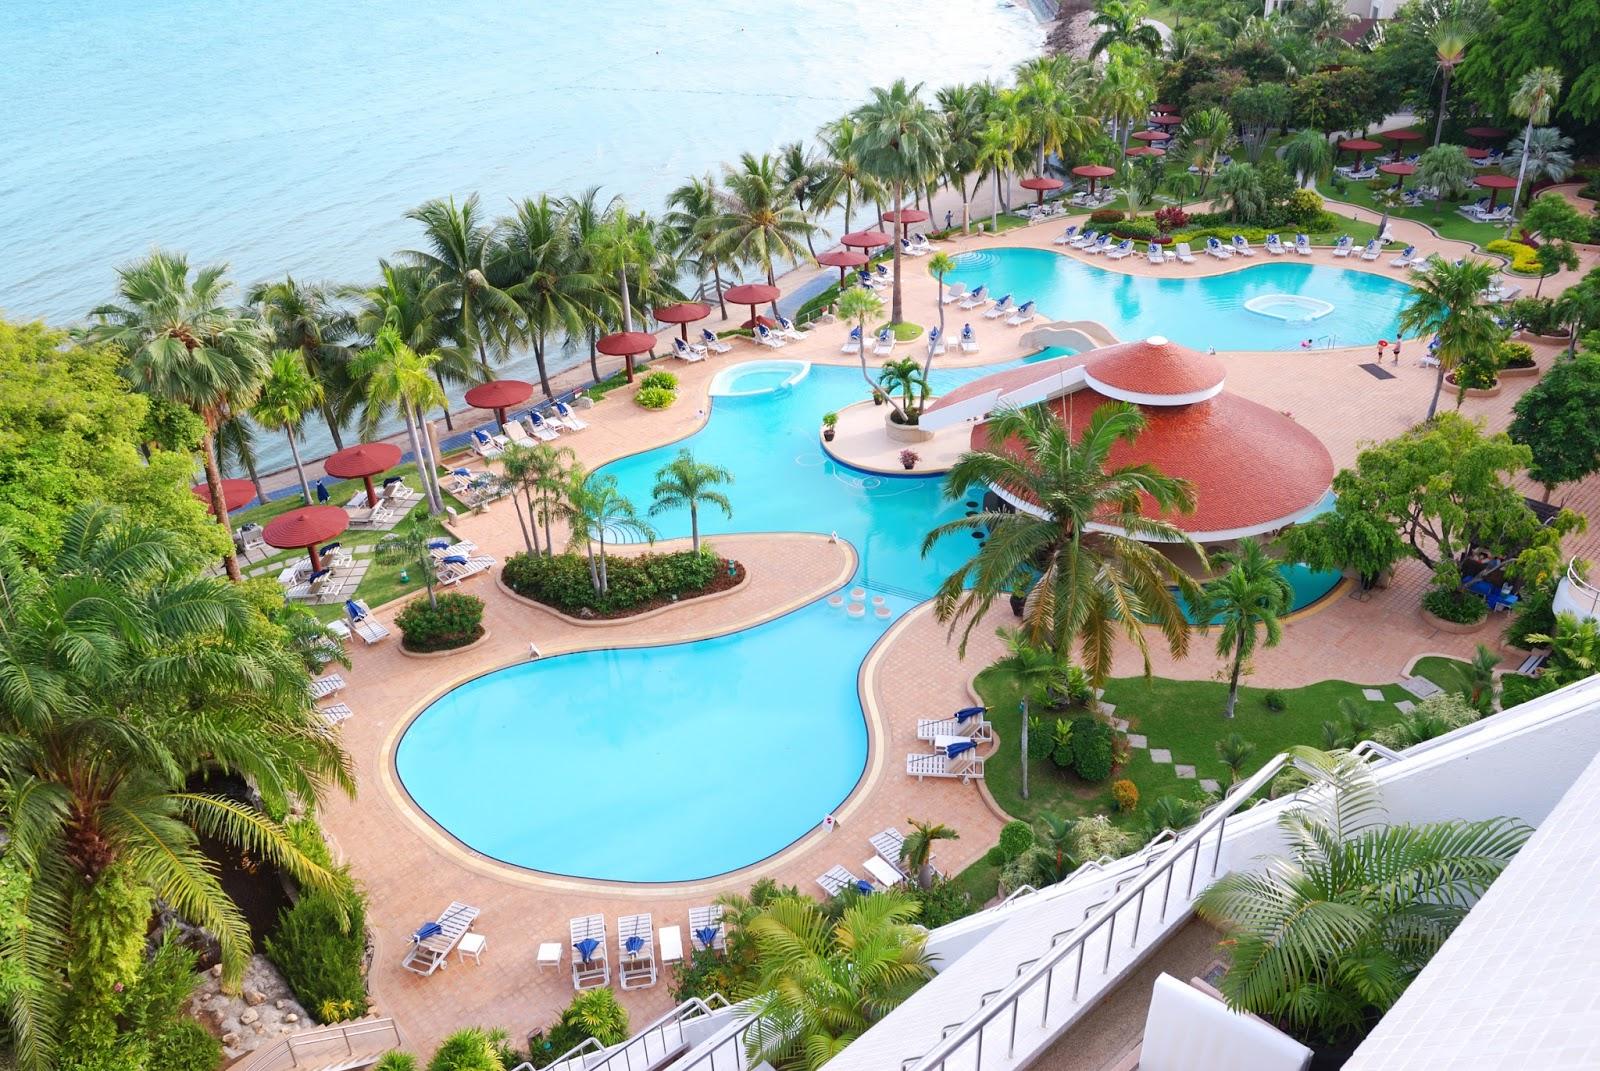 Banco de im genes piscinas y albercas en balneario junto for Albercas minimalistas imagenes